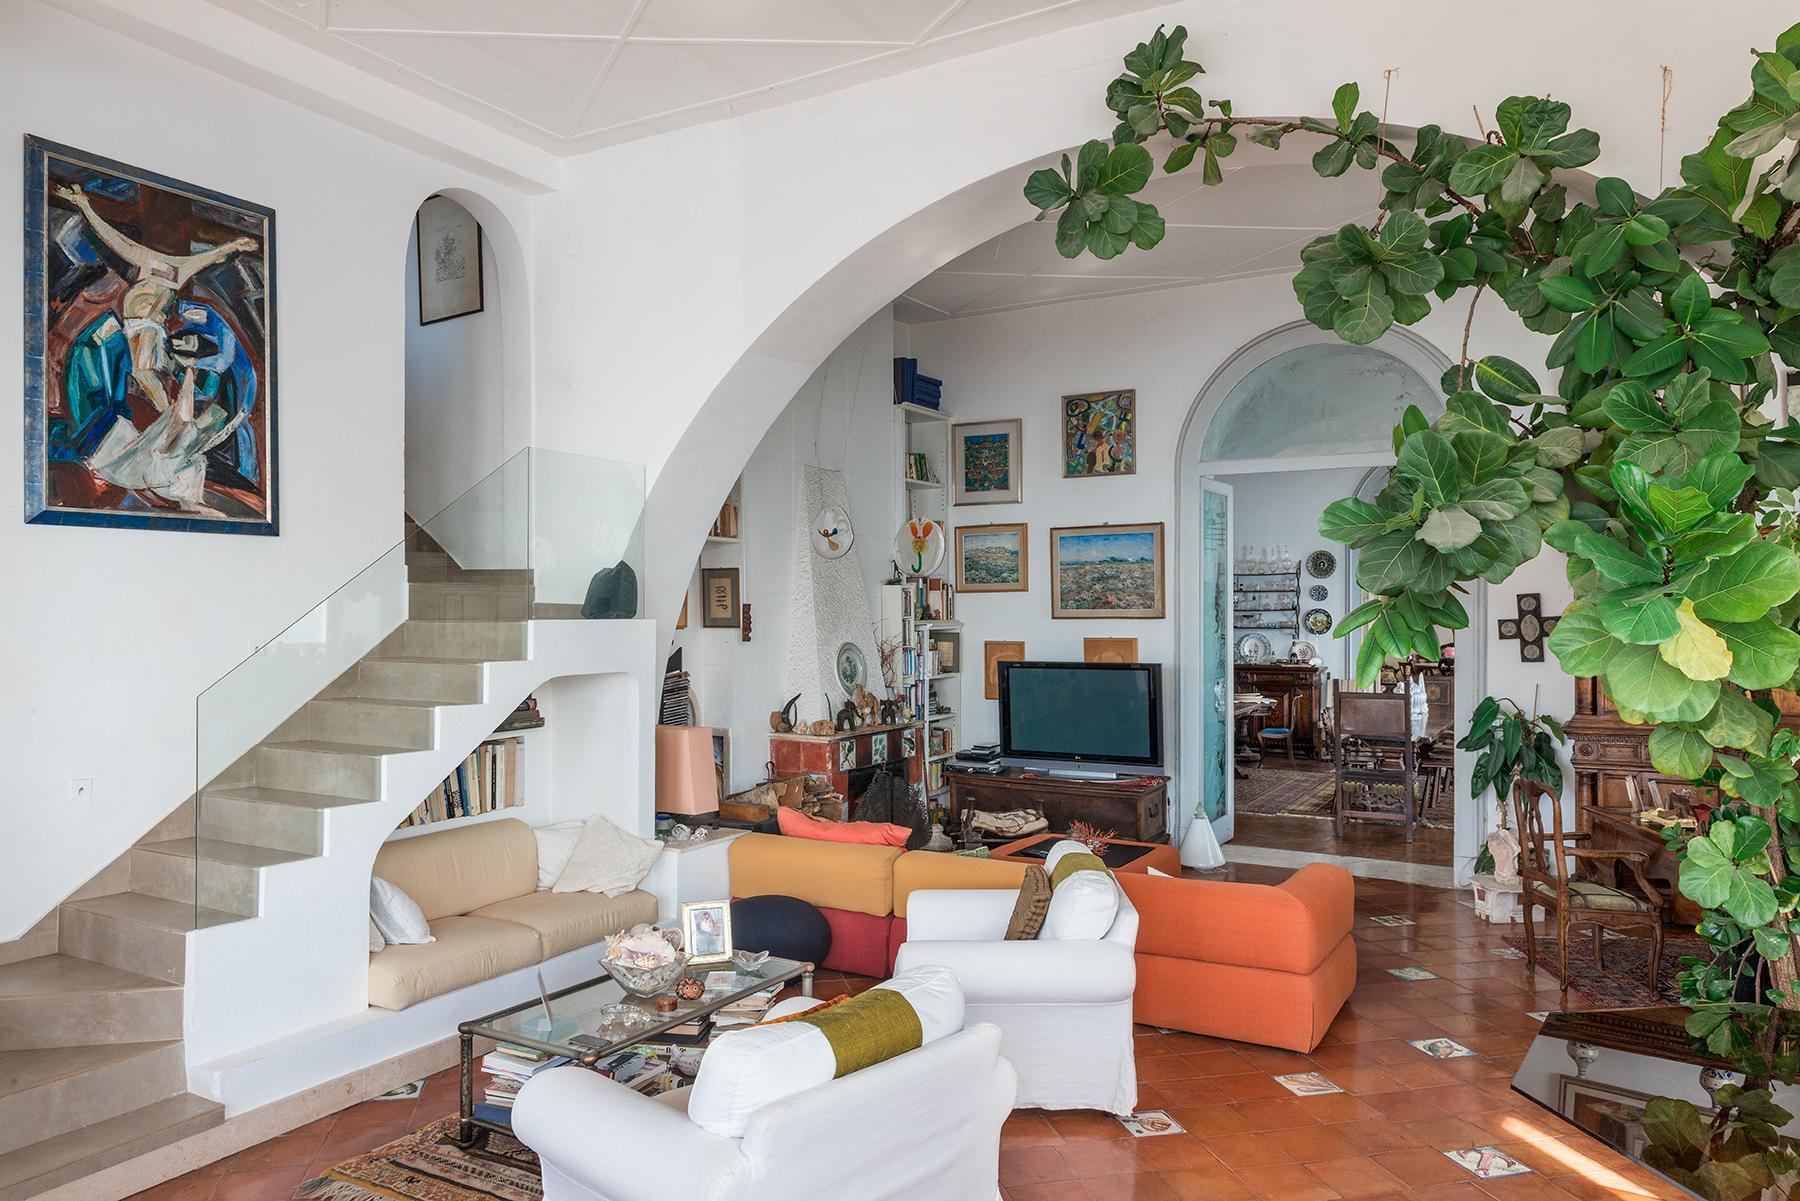 Первая линия моря! Потрясающие апартаменты в старинной вилле в Неаполе, Италия - 33